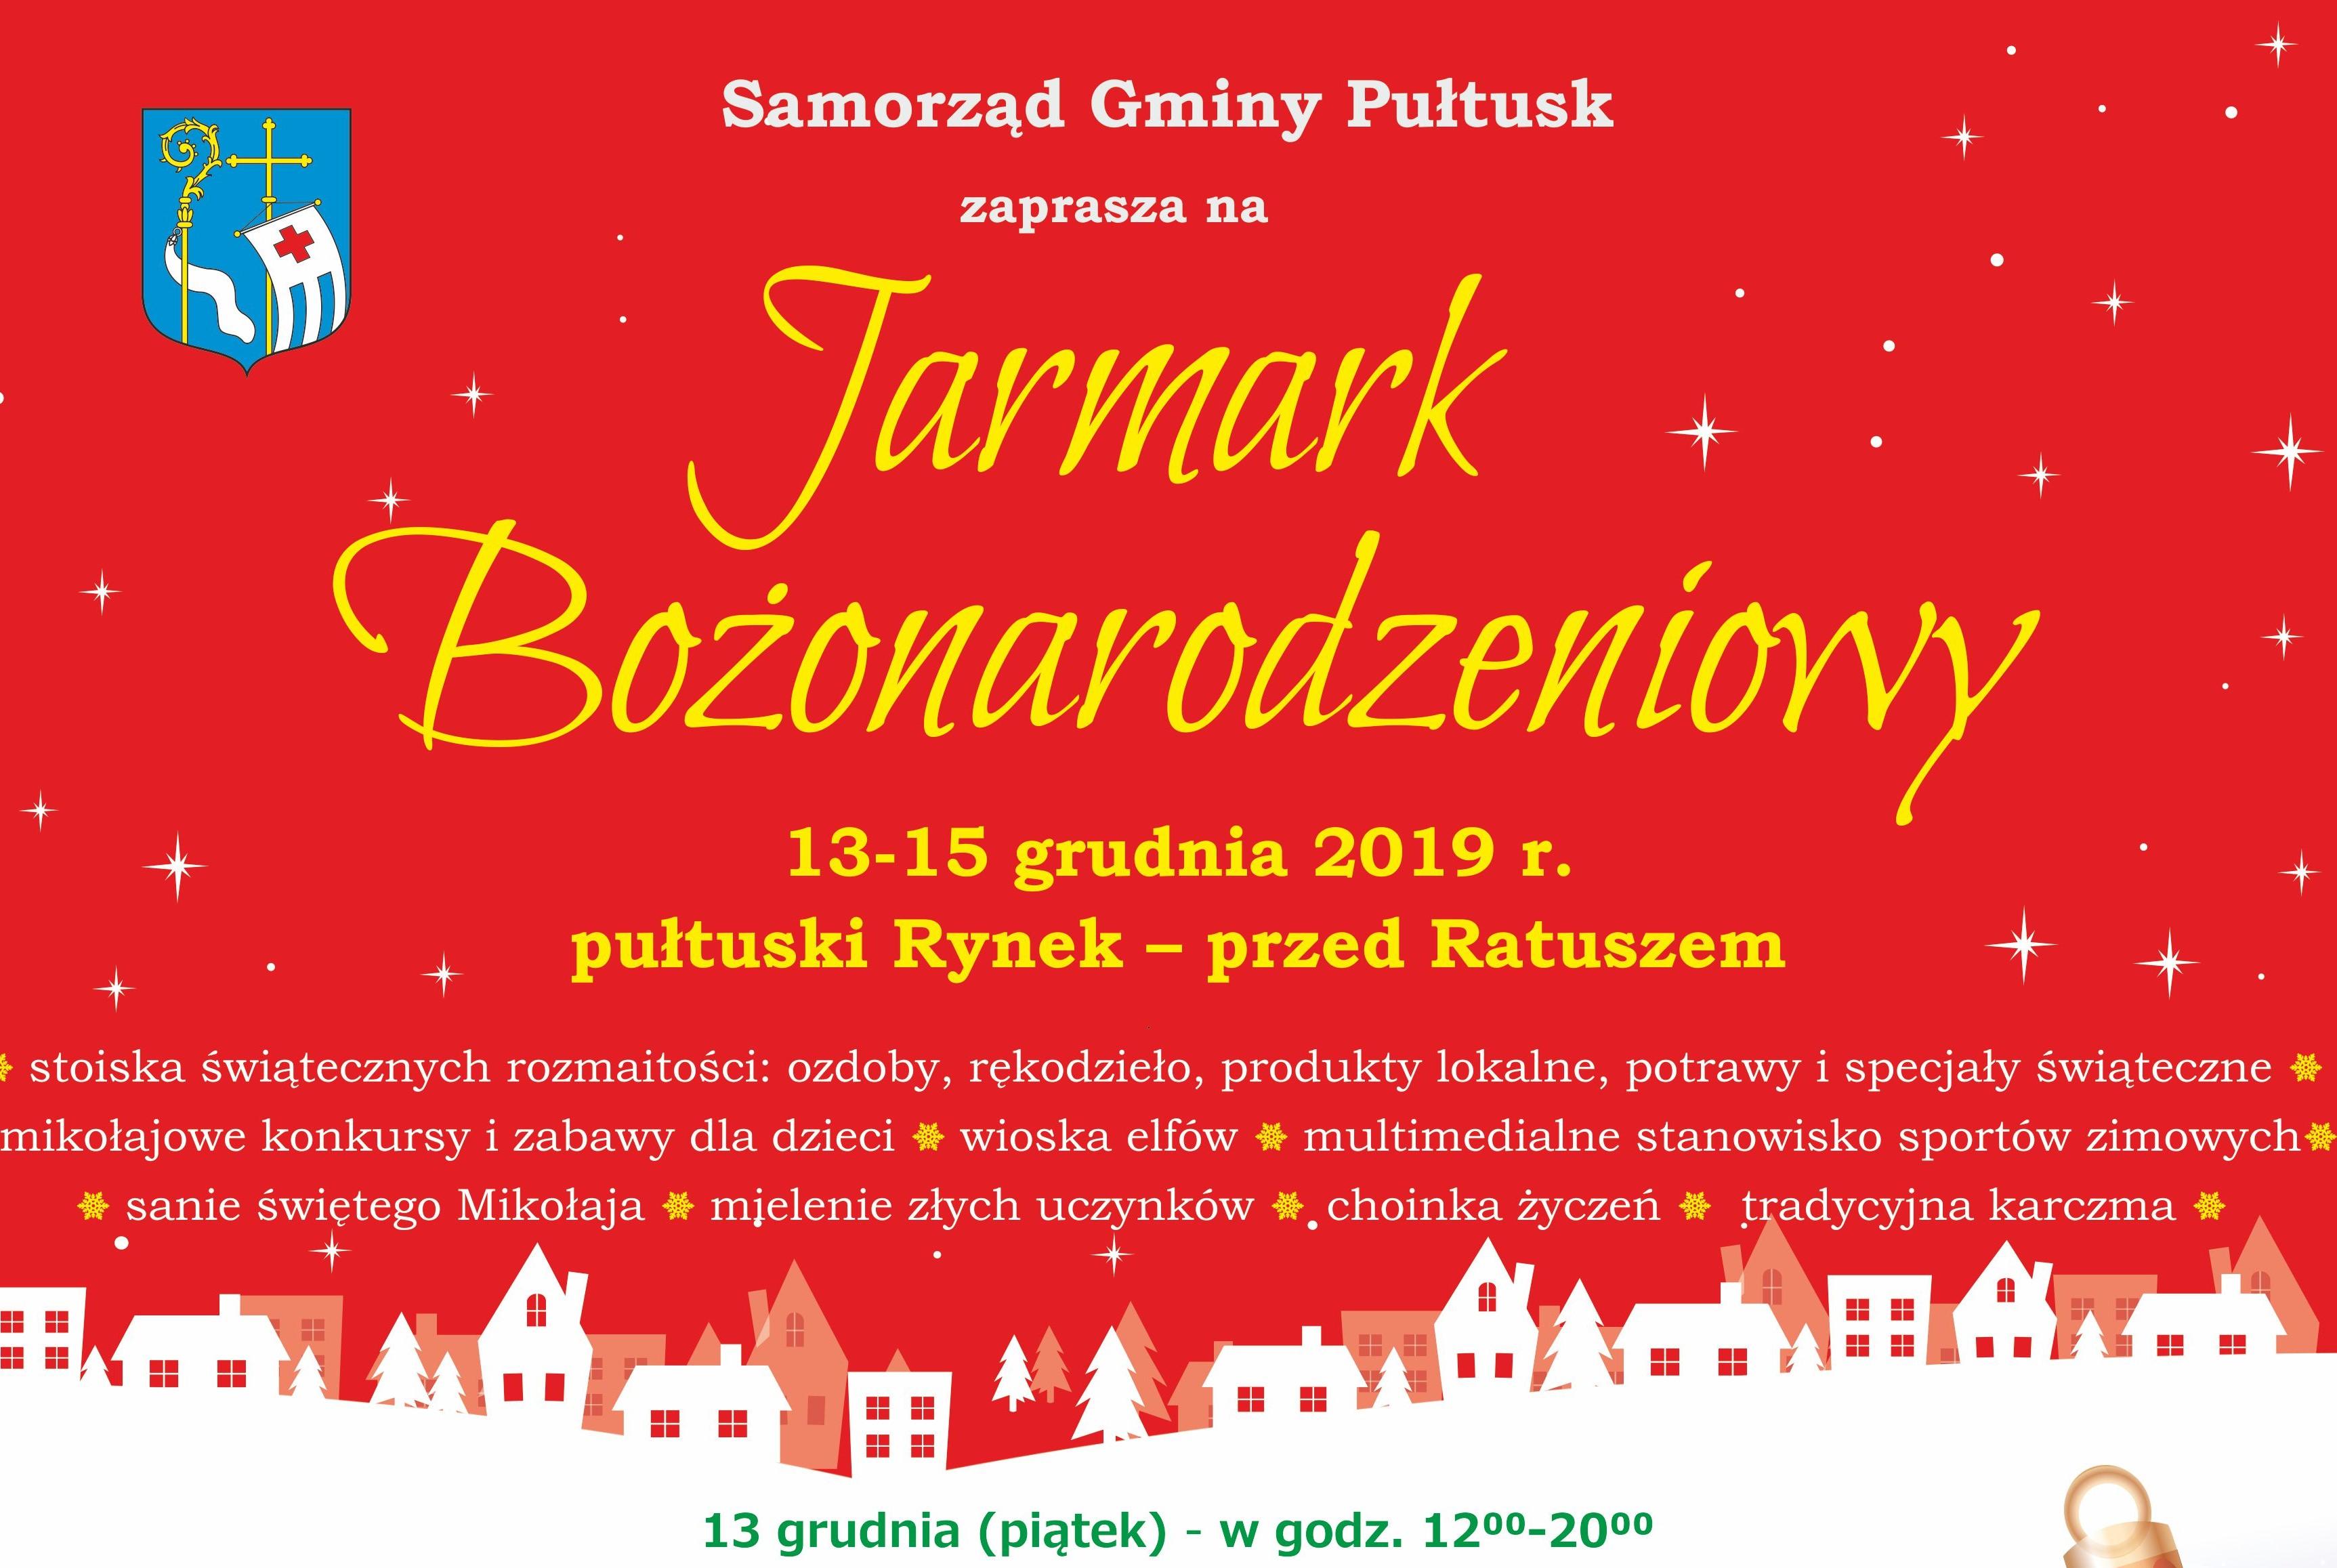 Jarmark Bożonarodzeniowy w Pułtusku